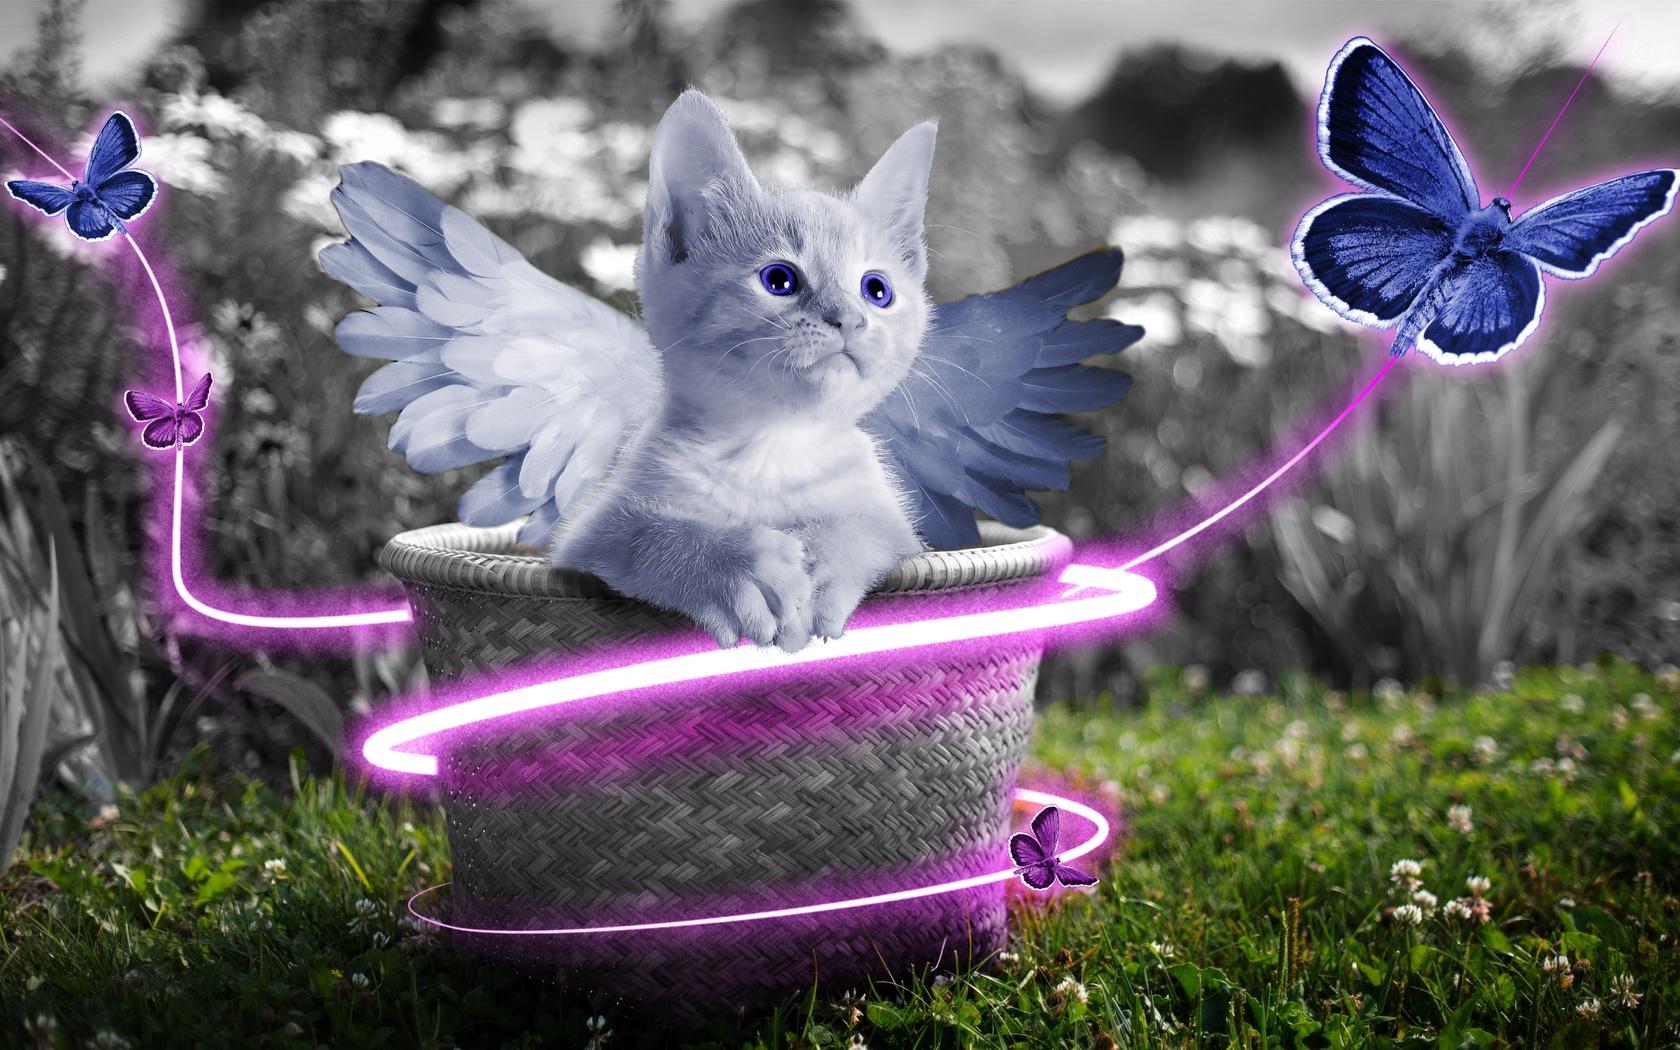 анимационные картинки котята с крыльями крошечной